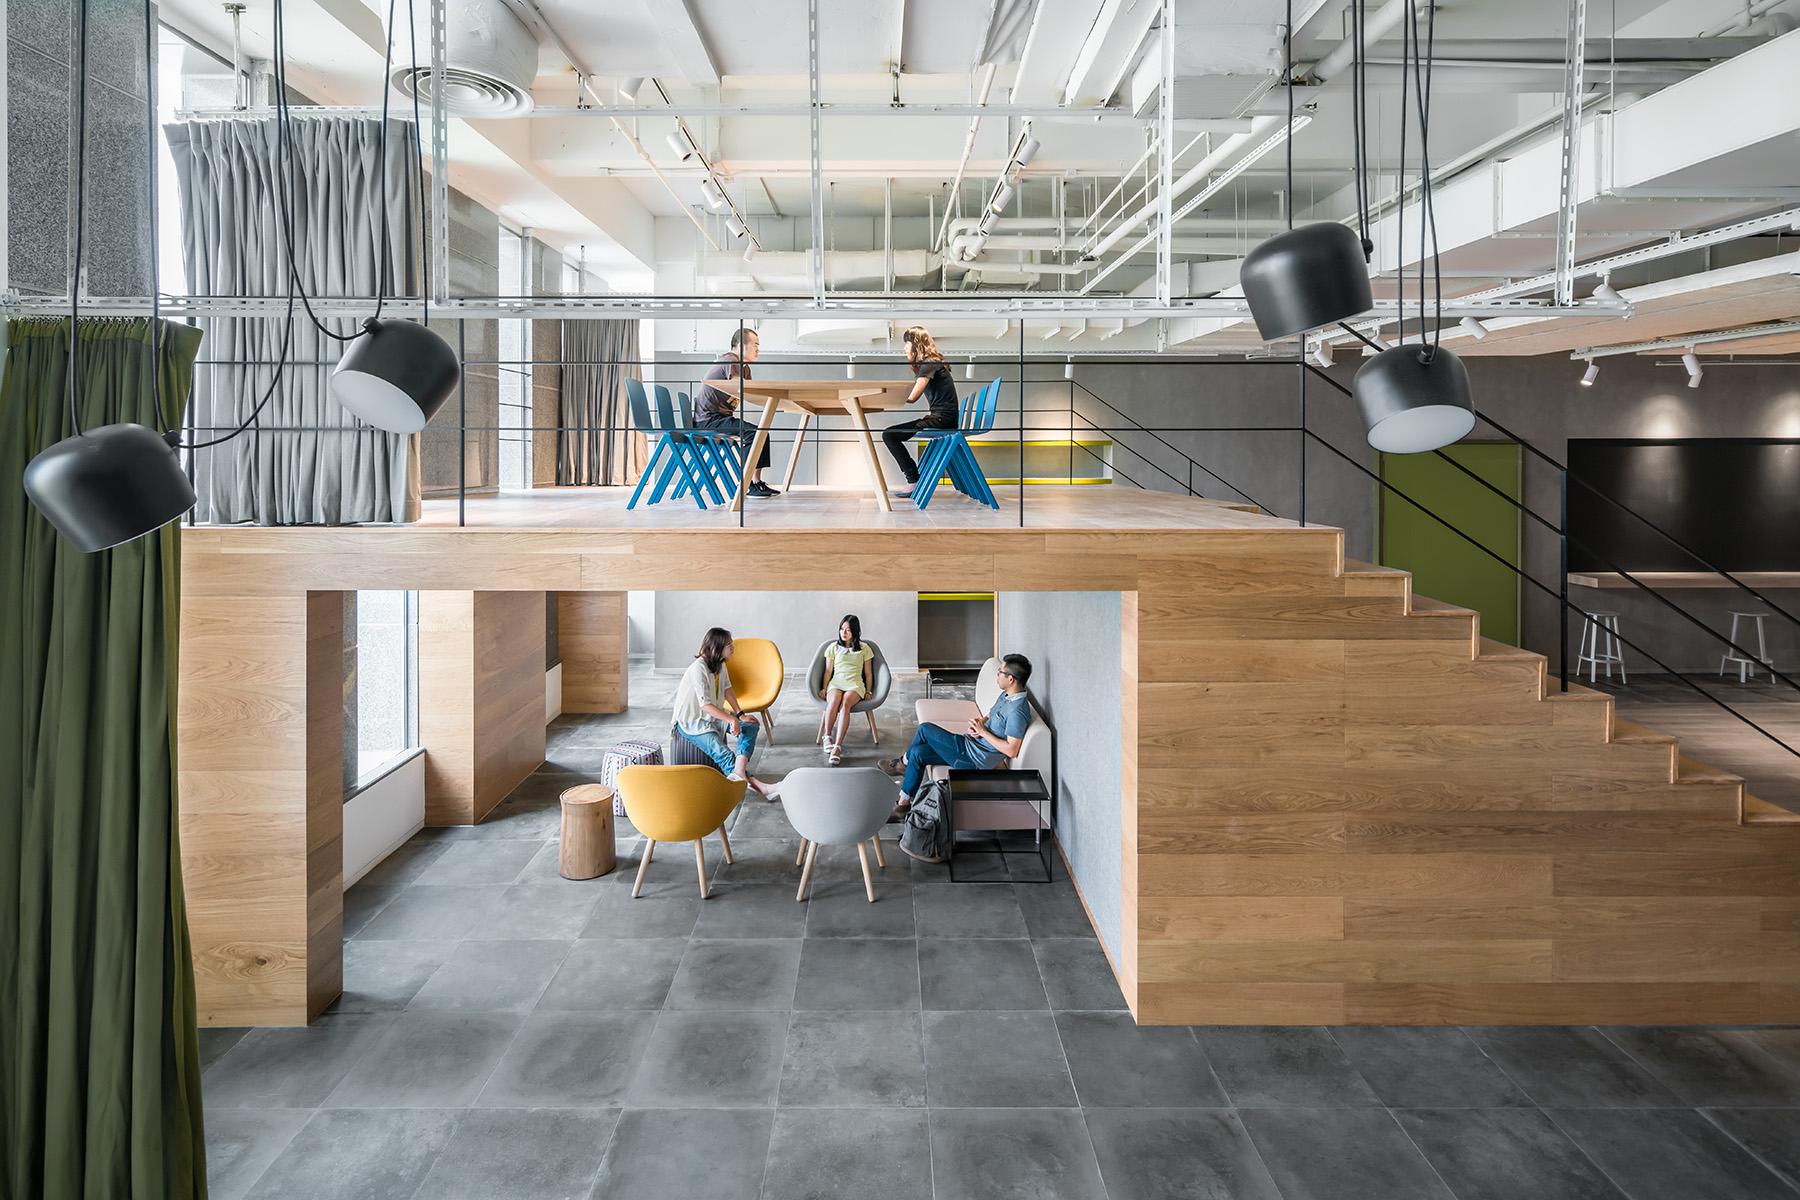 拒绝枯燥乏味!打造全新办公空间,给你家的温暖!|Gensler - 2